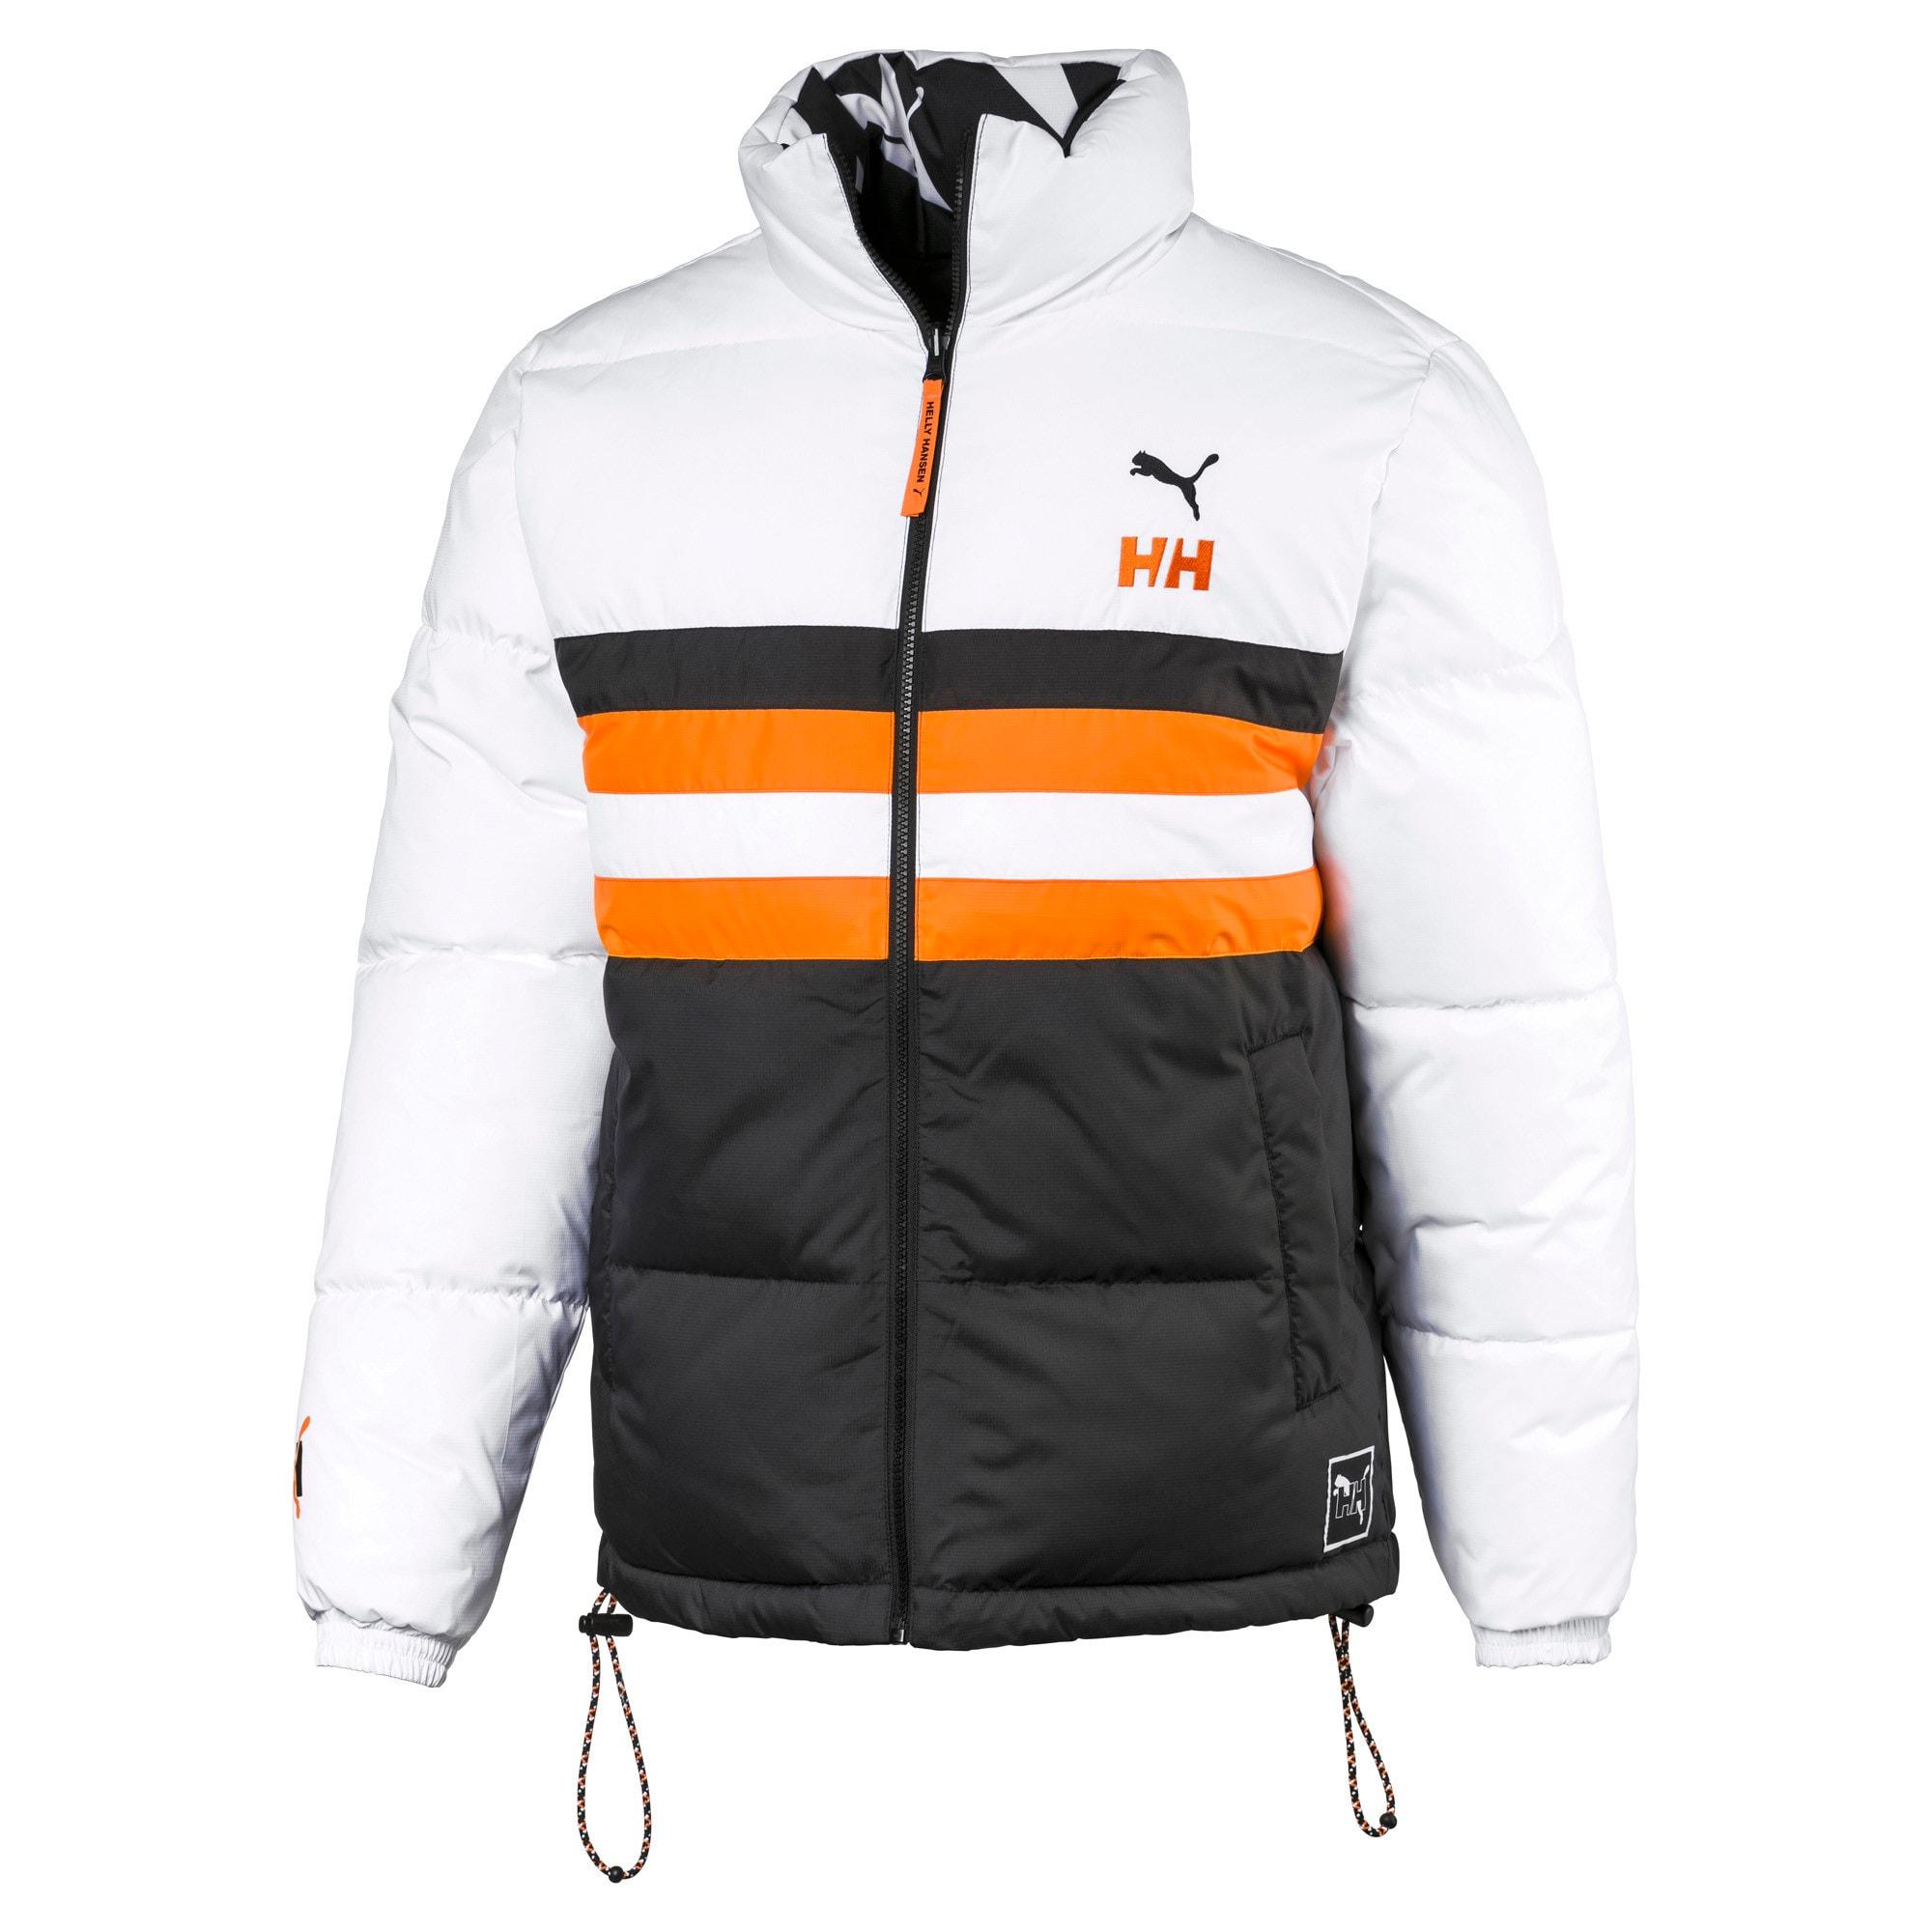 Neuestes Design online zum Verkauf neue auswahl PUMA x HELLY HANSEN Jacket